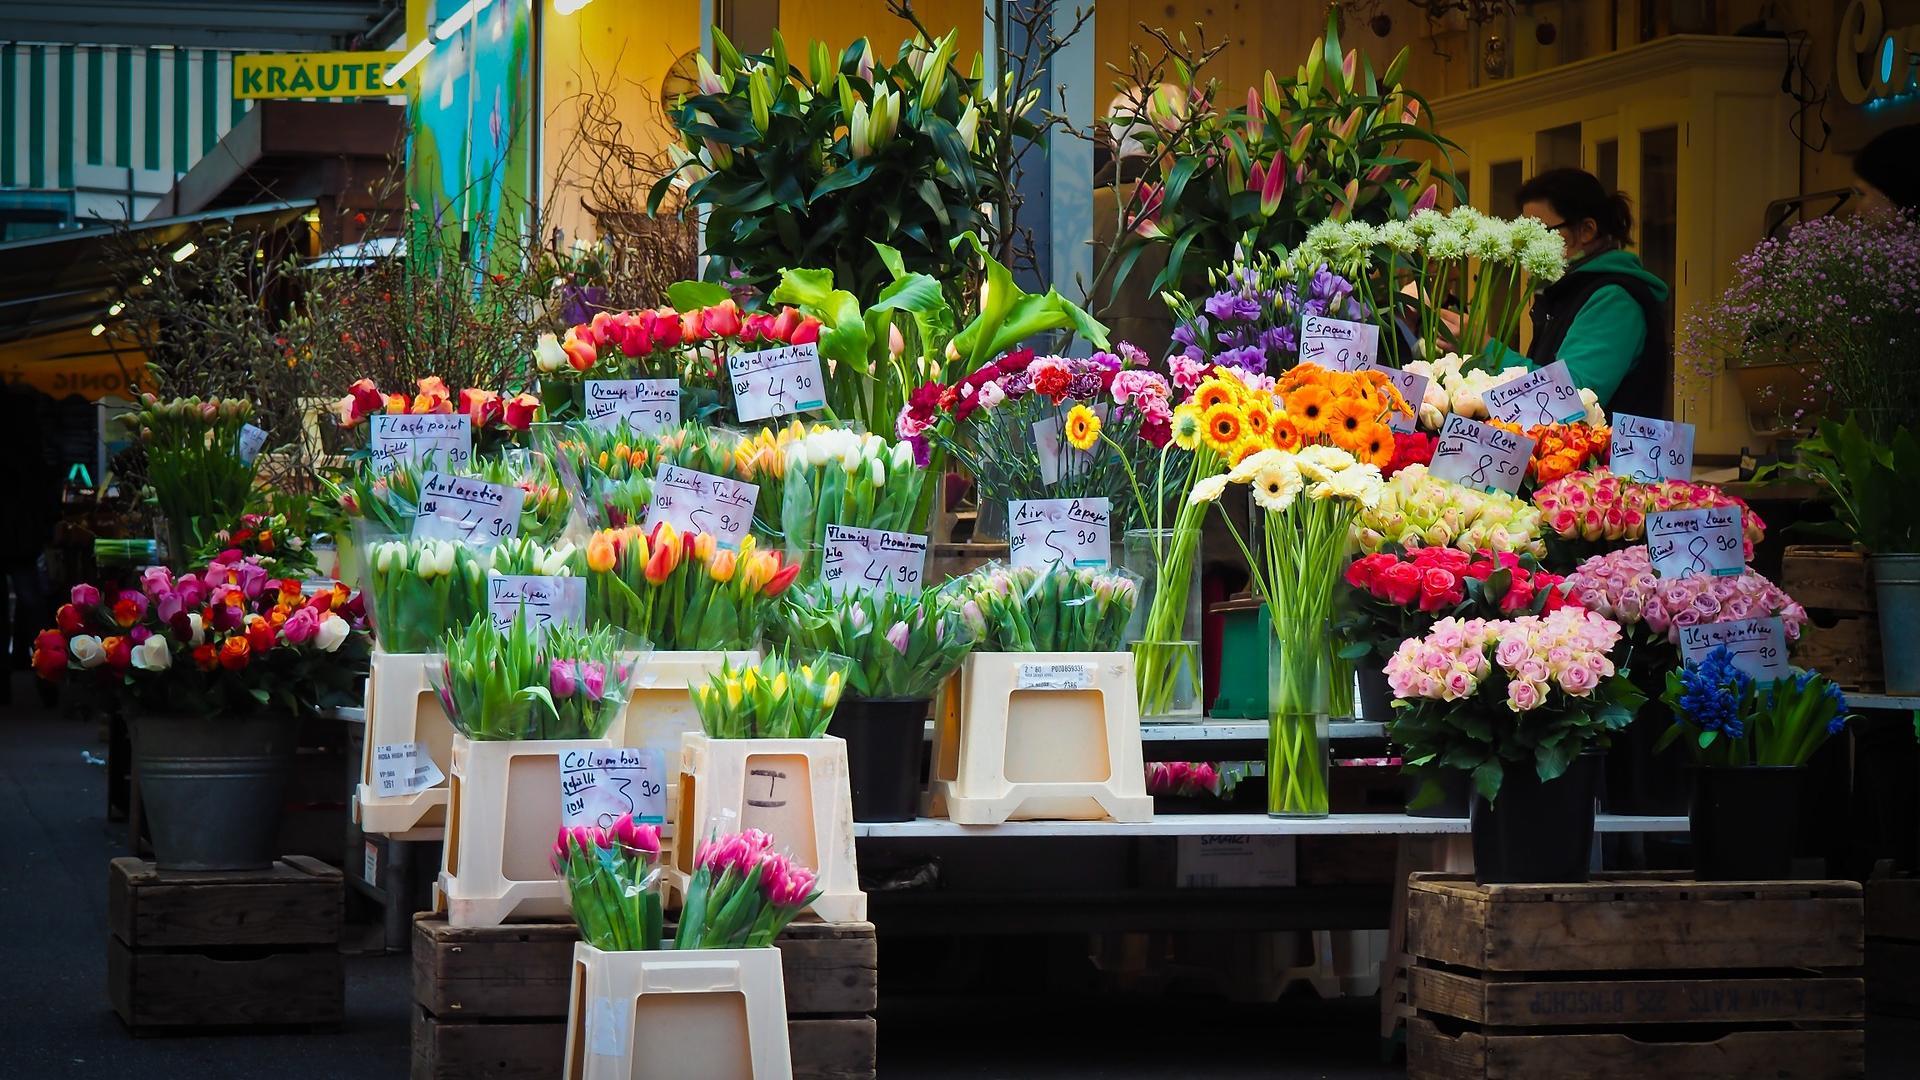 Fairtrade Blumen werden unter höheren sozialen und ökologischen Standards angebaut als Blumen aus konventionellem Anbau.